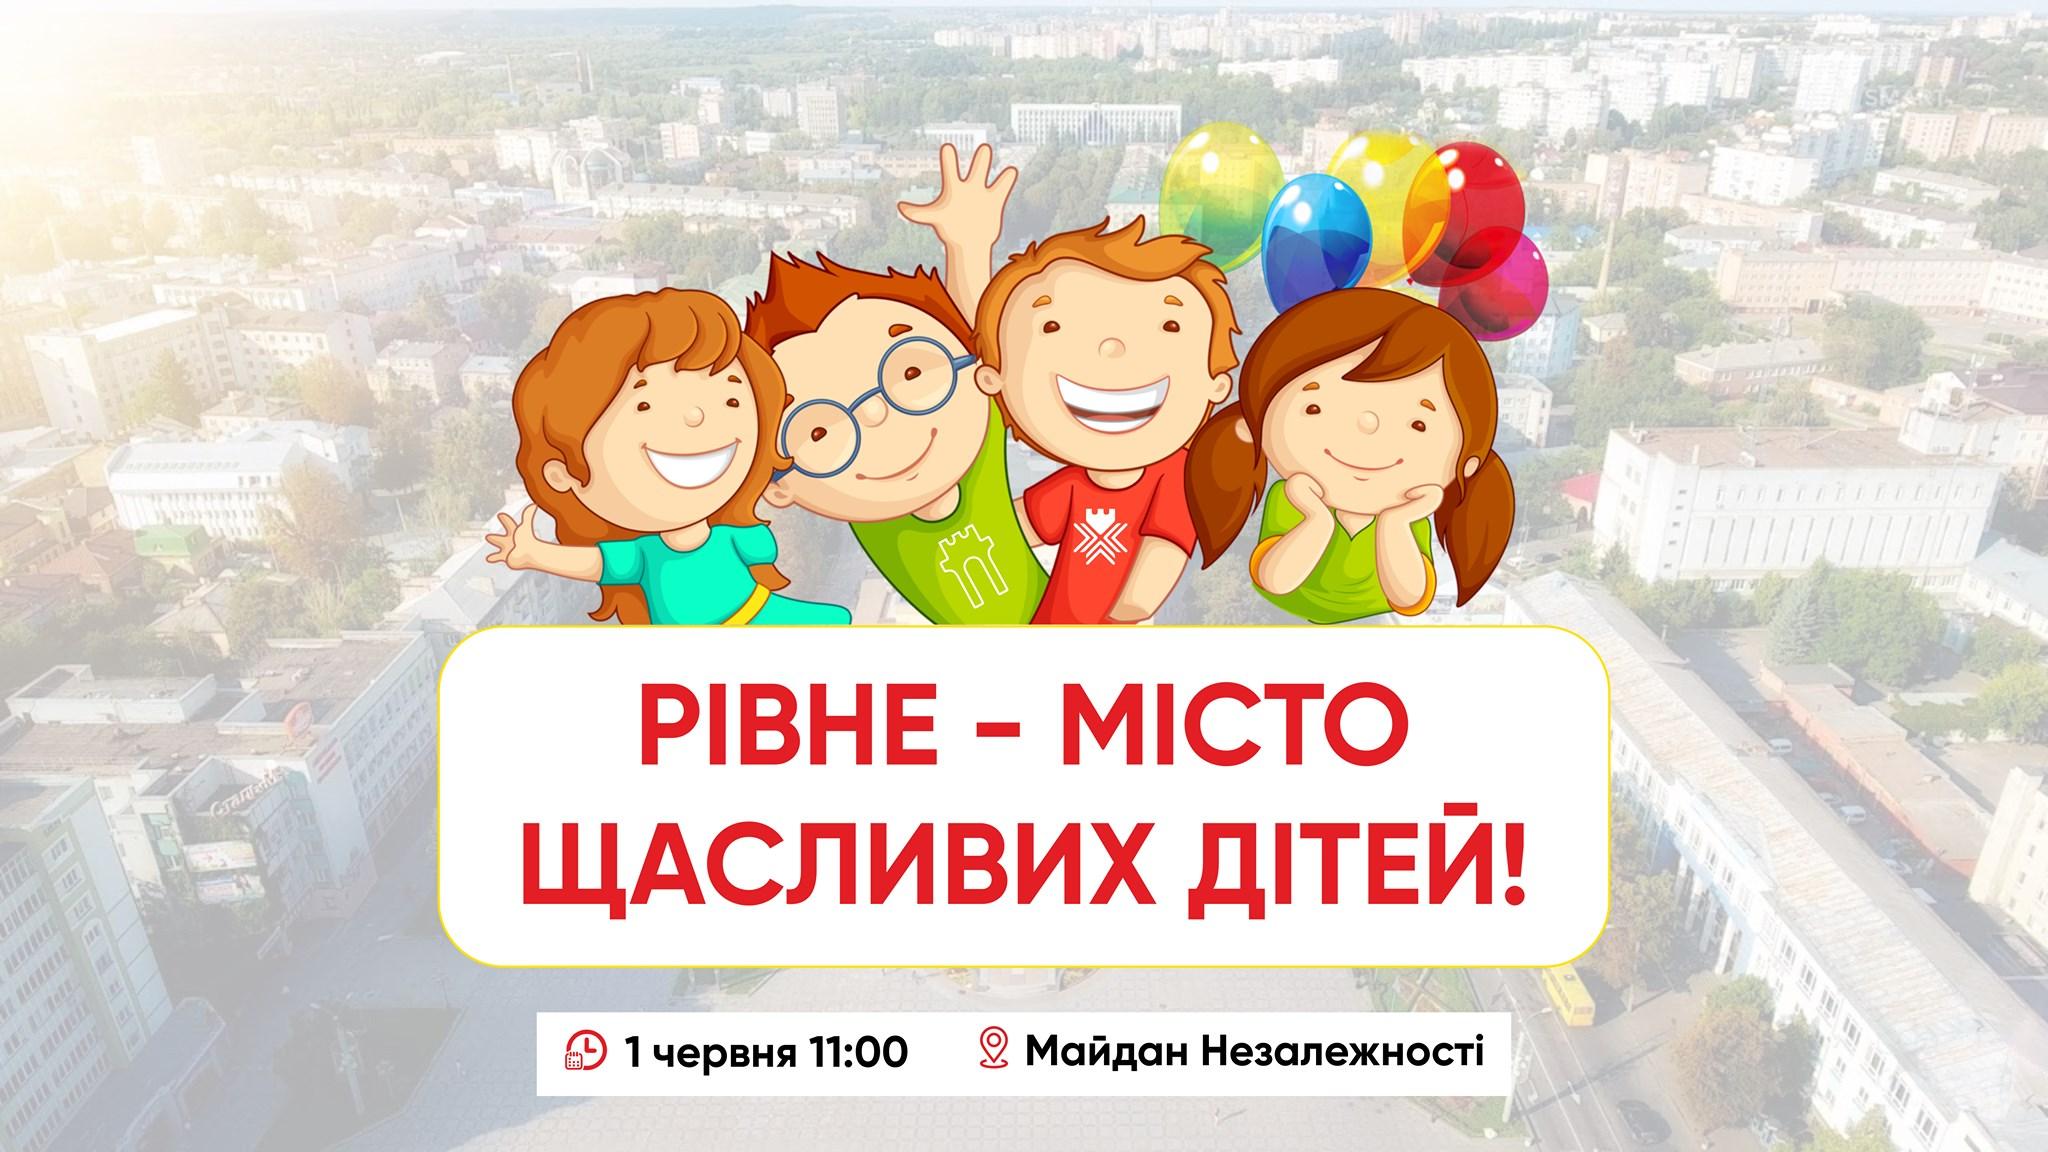 Рівненські рятувальники візьмуть участь у благодійній акції «Рівне - місто щасливих дітей»